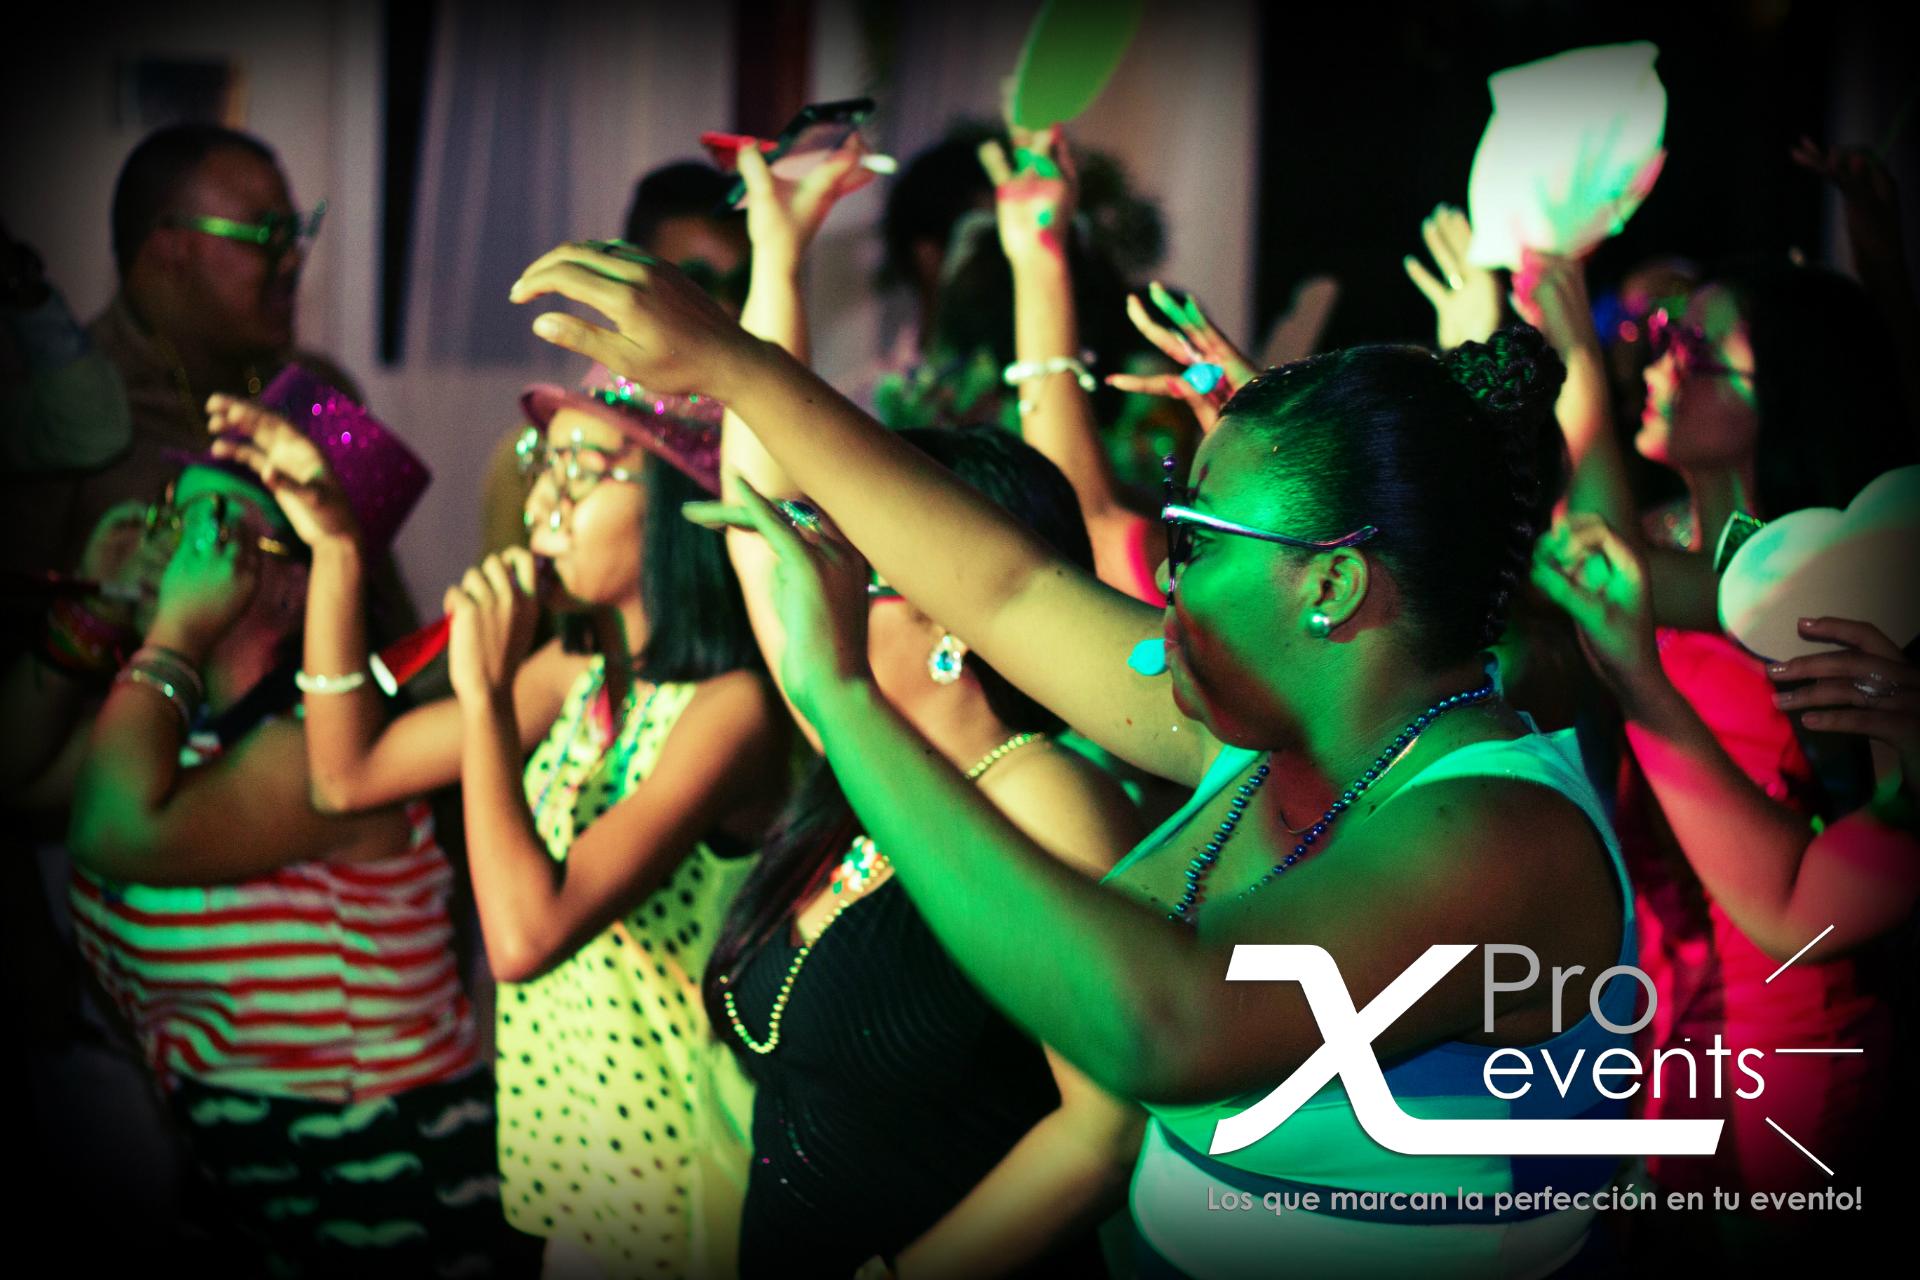 www.Xproevents.com - Todo el mundo a gozar con X Pro events.jpg